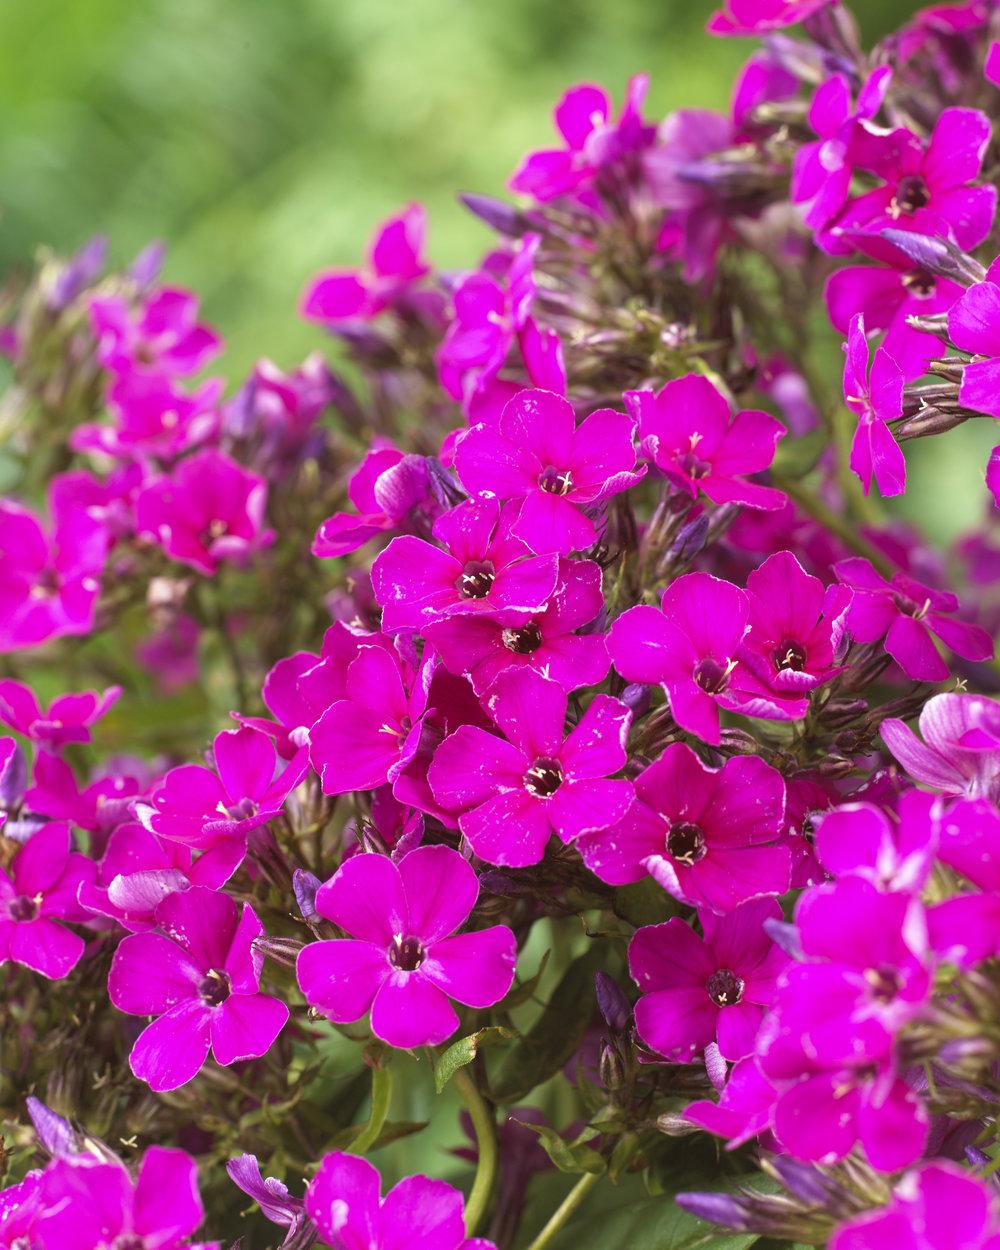 Phlox_Twnkle Purple.jpg